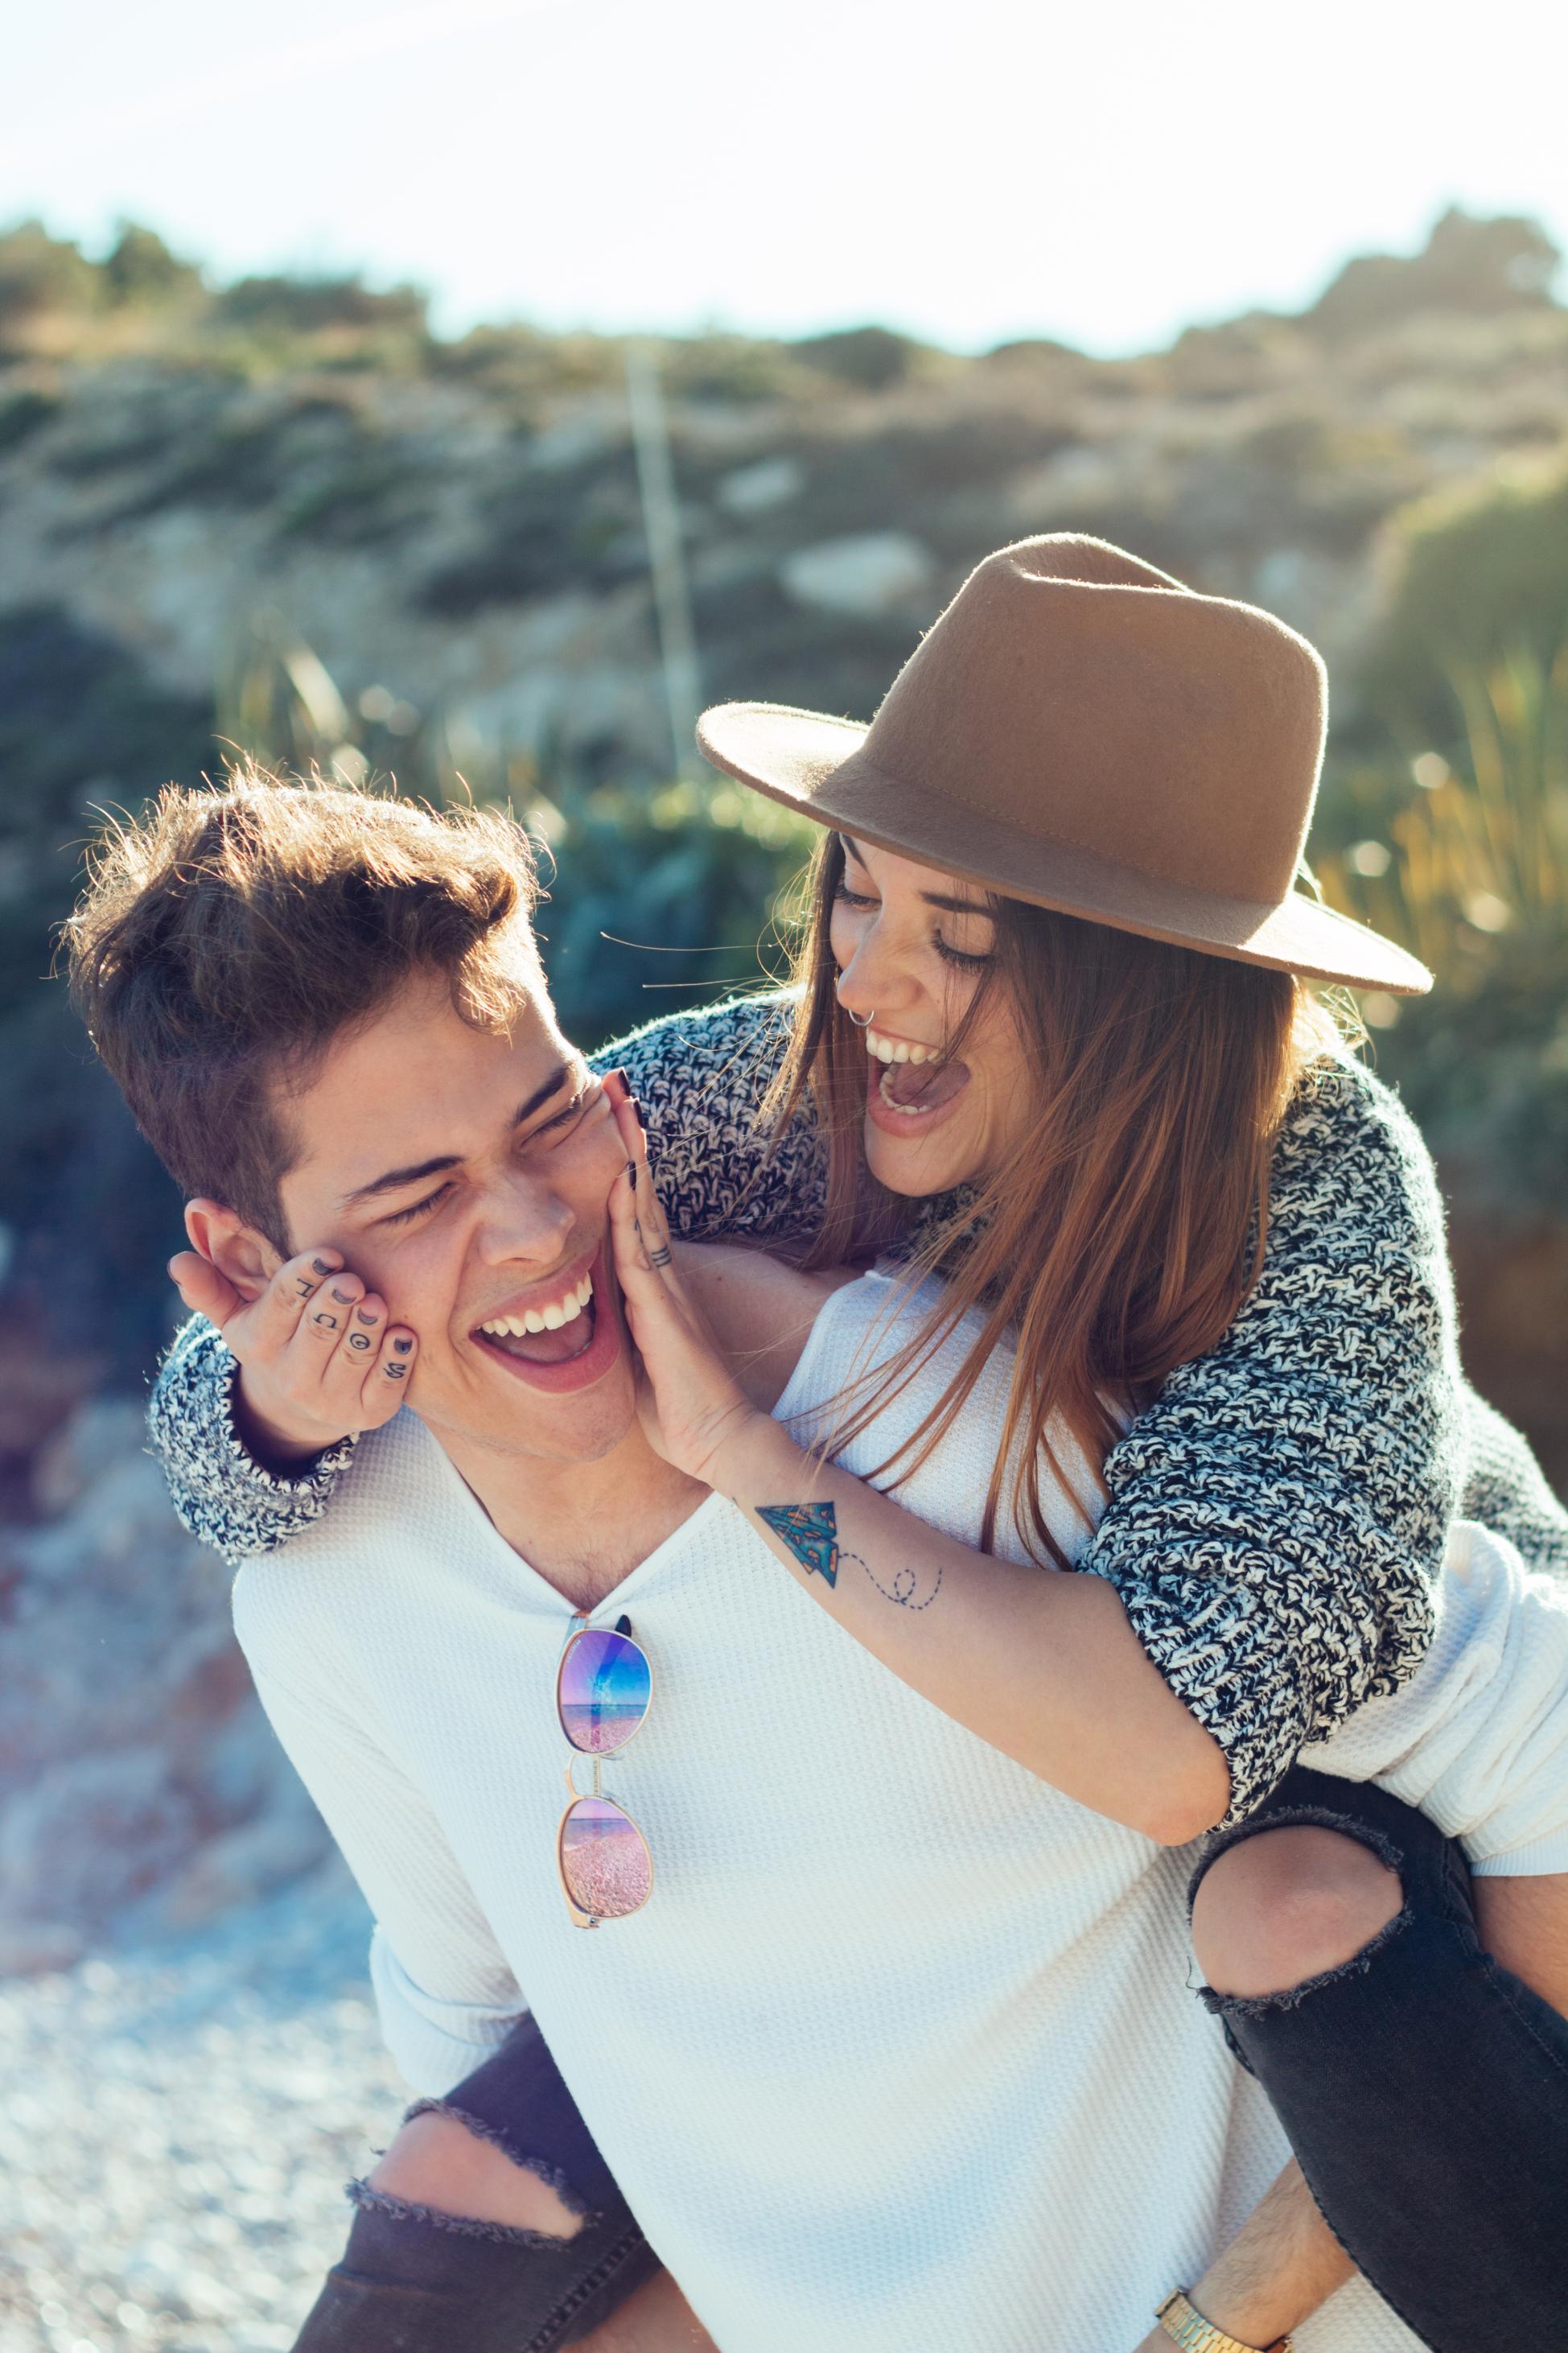 Mladić i djevojka u šeširu, on nju nosi na leđima, smiju se